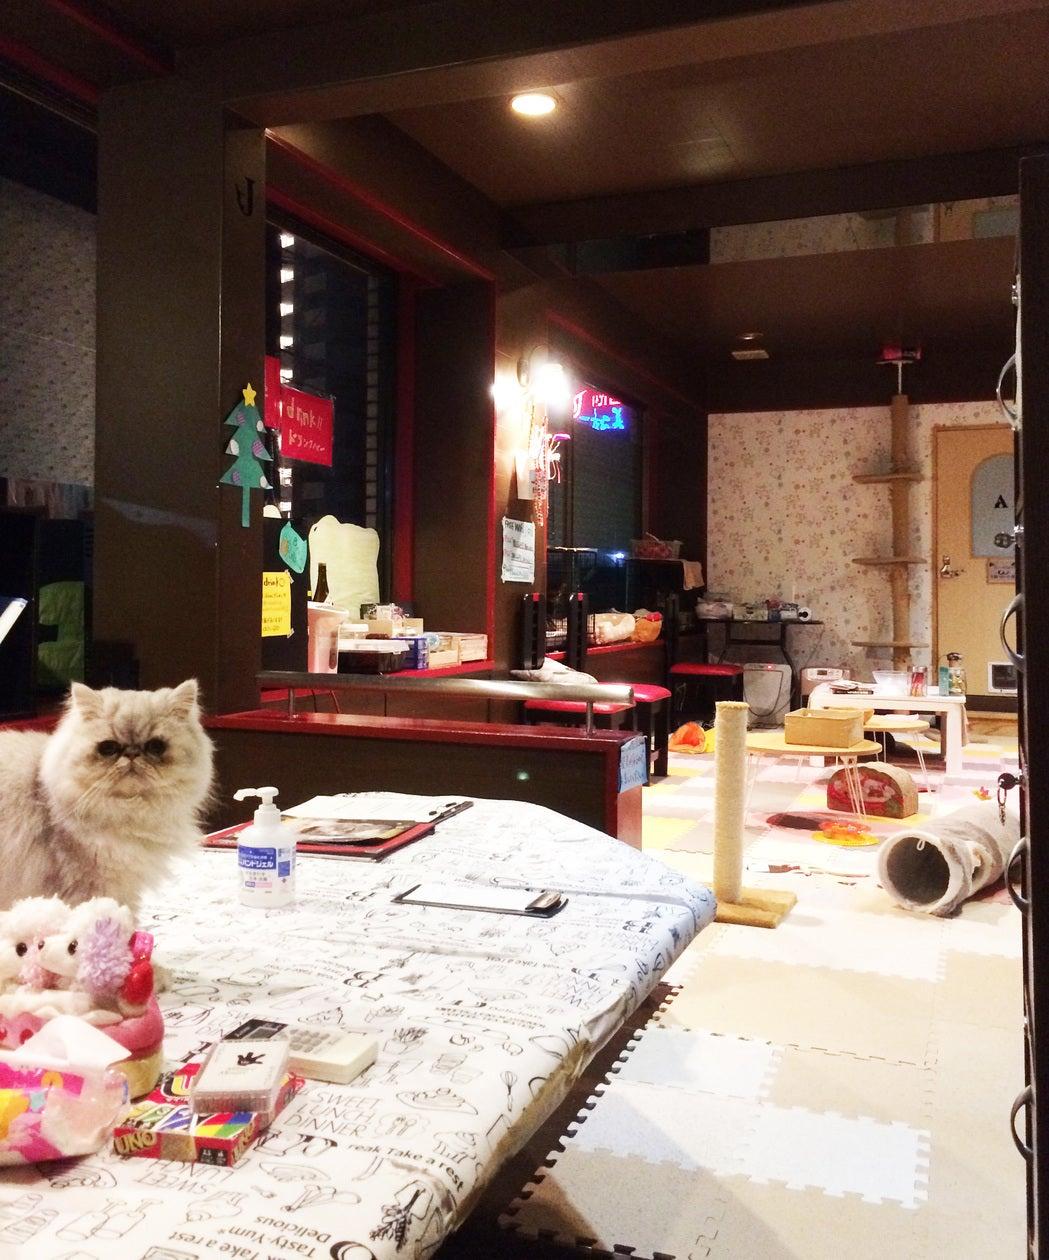 猫つき癒し空間(スタッフ1名付) の写真